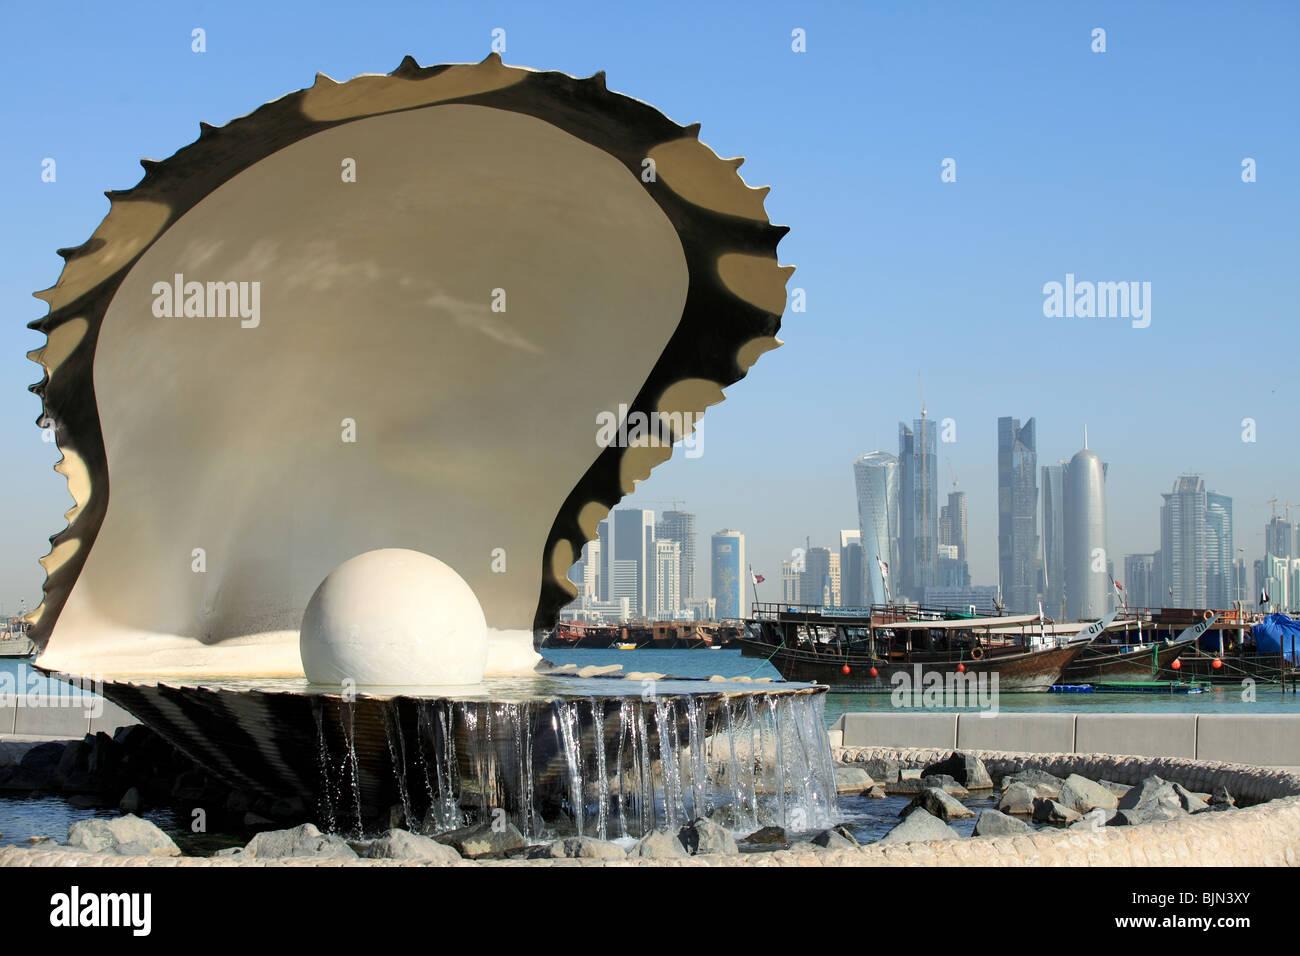 La Oyster e pearl fontana sulla Corniche nel centro di Doha, Qatar, con il Dhow Harbour e il nuovo skyline al di Immagini Stock